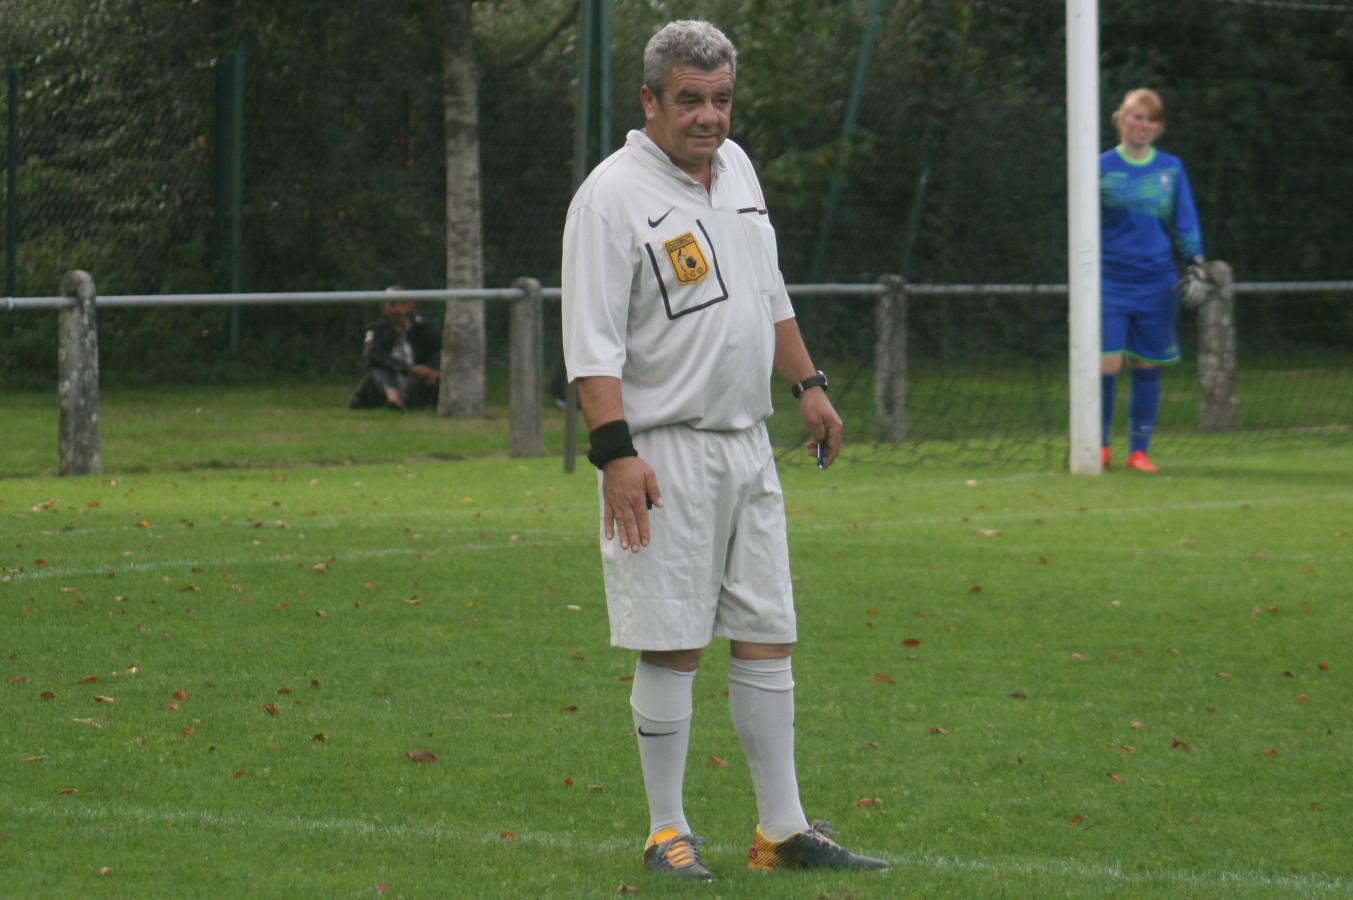 Limoges-Oradour (1) l'arbitre Mohammed Makour.jpg